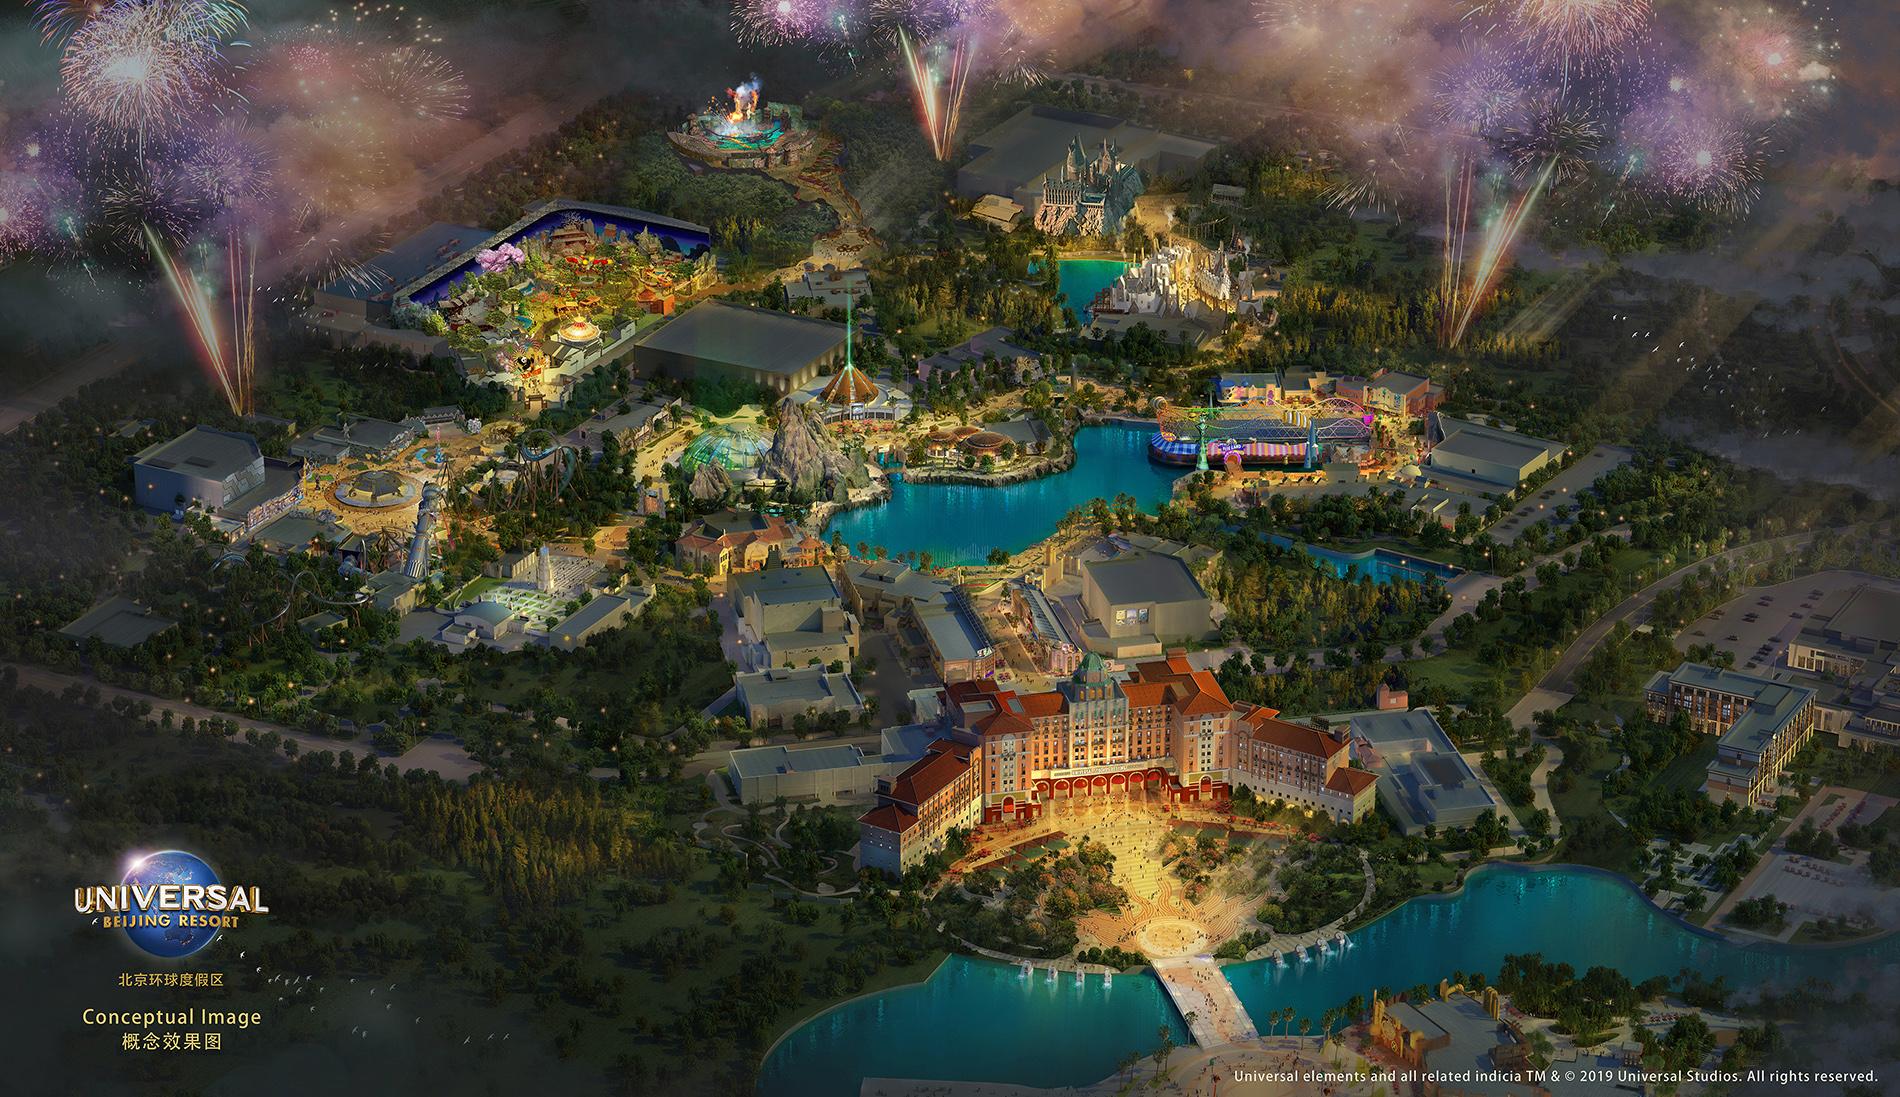 a rendering of universal beijing resort